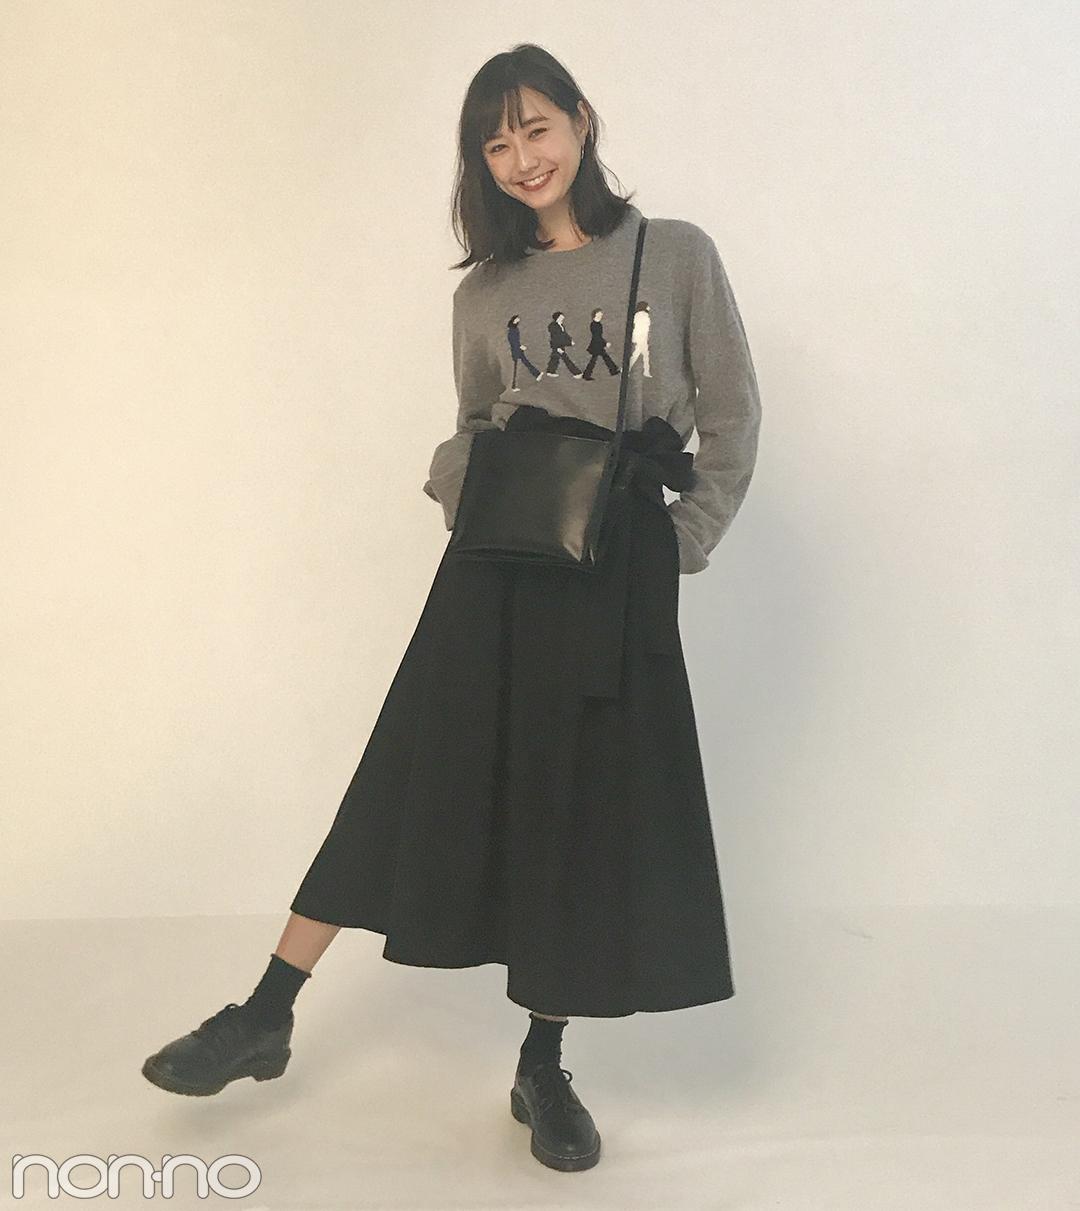 鈴木友菜の秋コーデが可愛い! ワイドスカートにニットをイン★【モデルの私服】_1_1